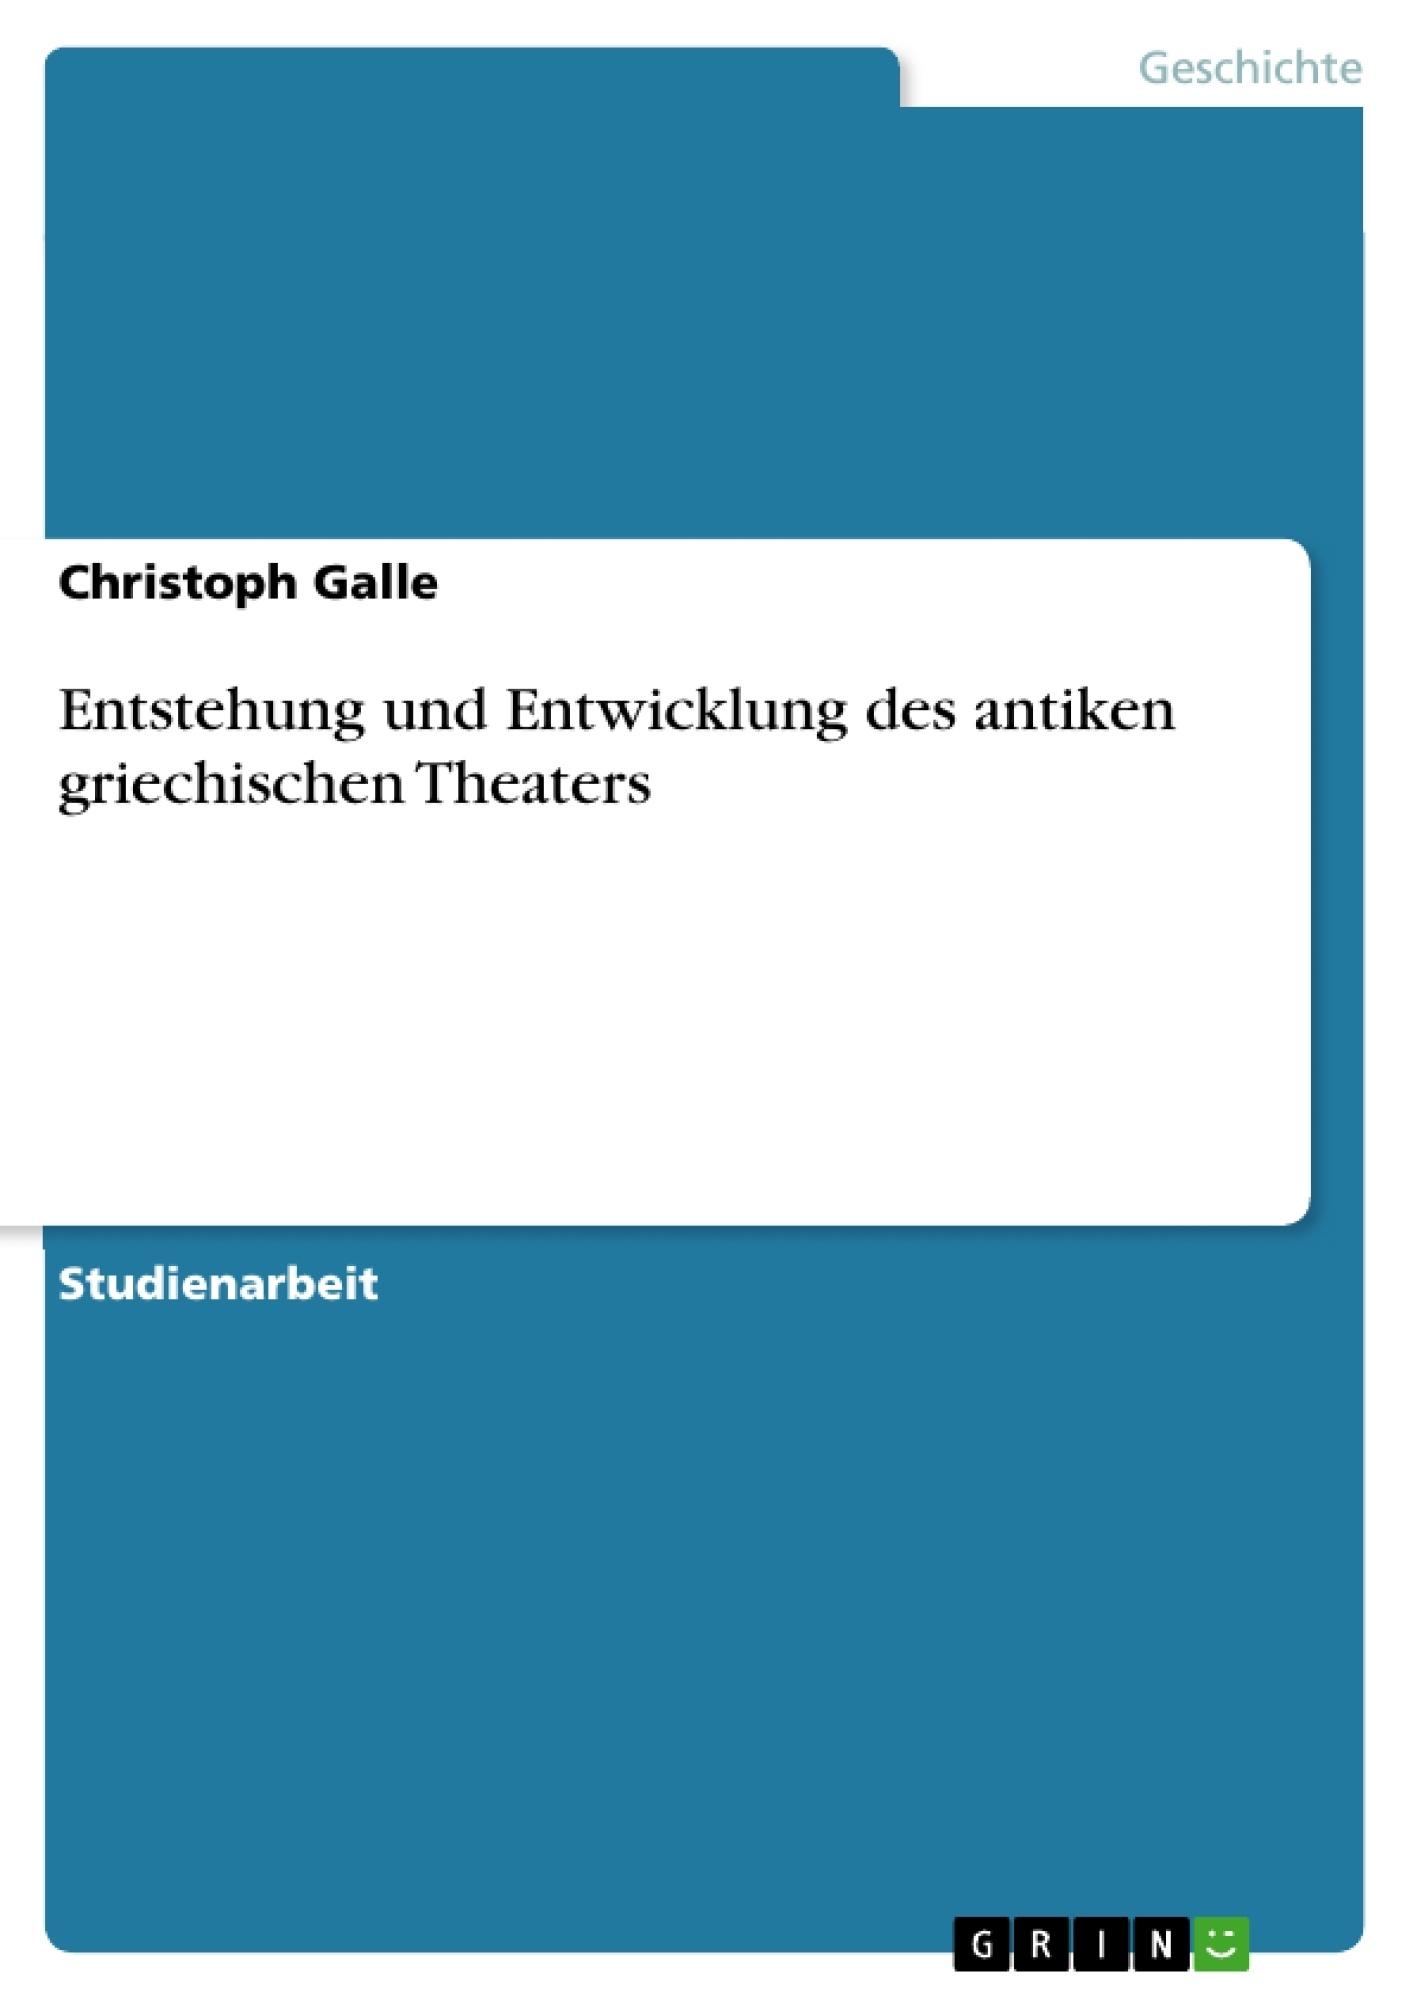 Titel: Entstehung und Entwicklung des antiken griechischen Theaters